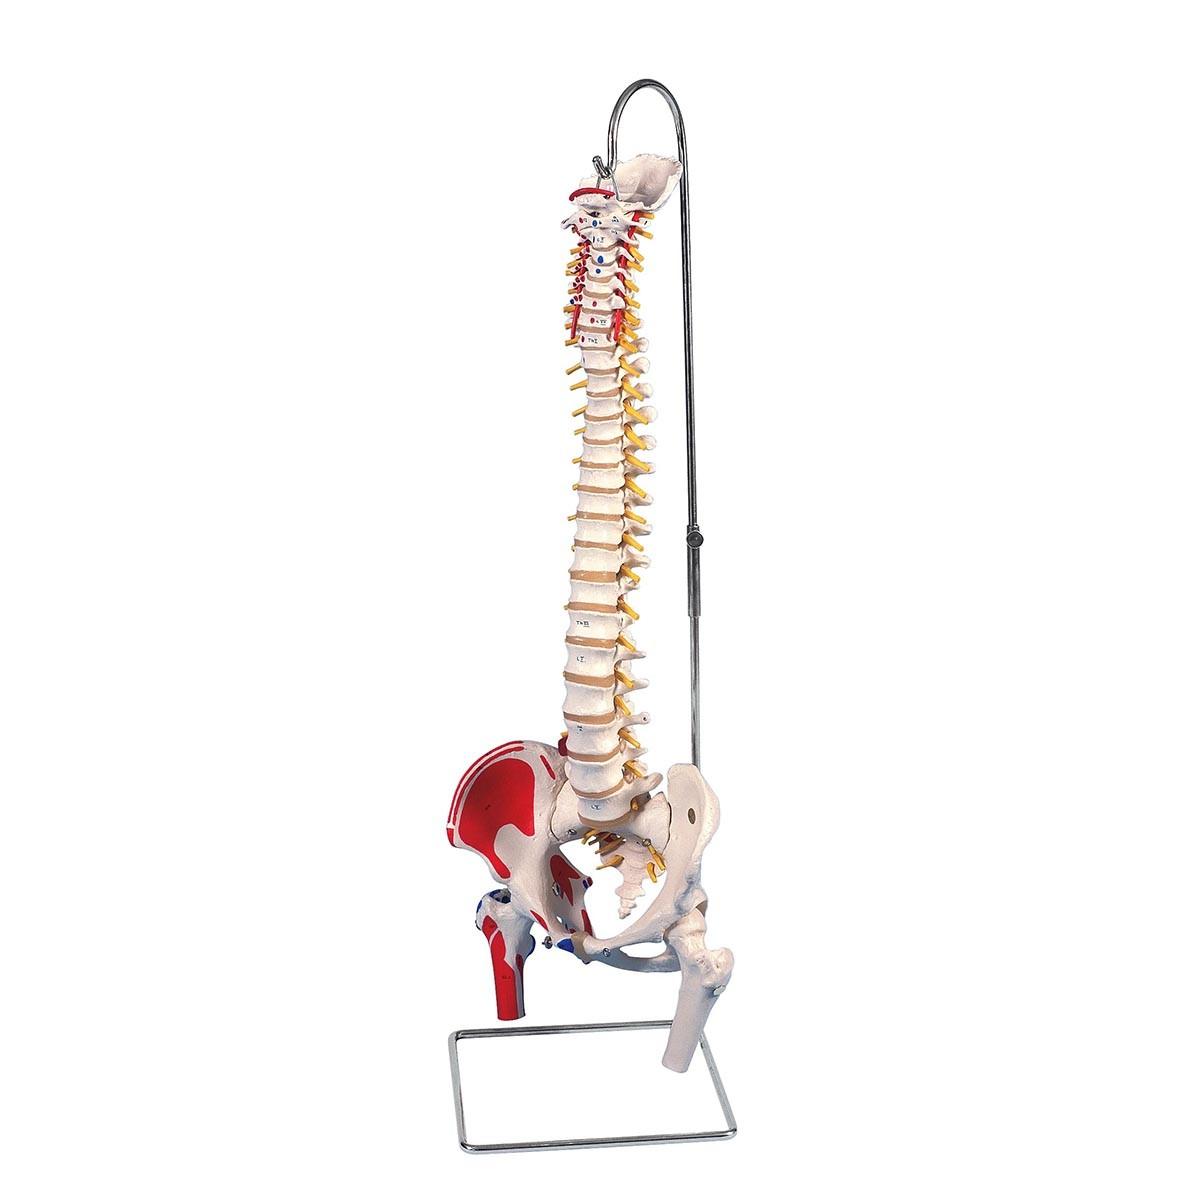 Bemalte klassische flexible Wirbelsäule, mit Oberschenkelstümpfen und Muskeldarstellung